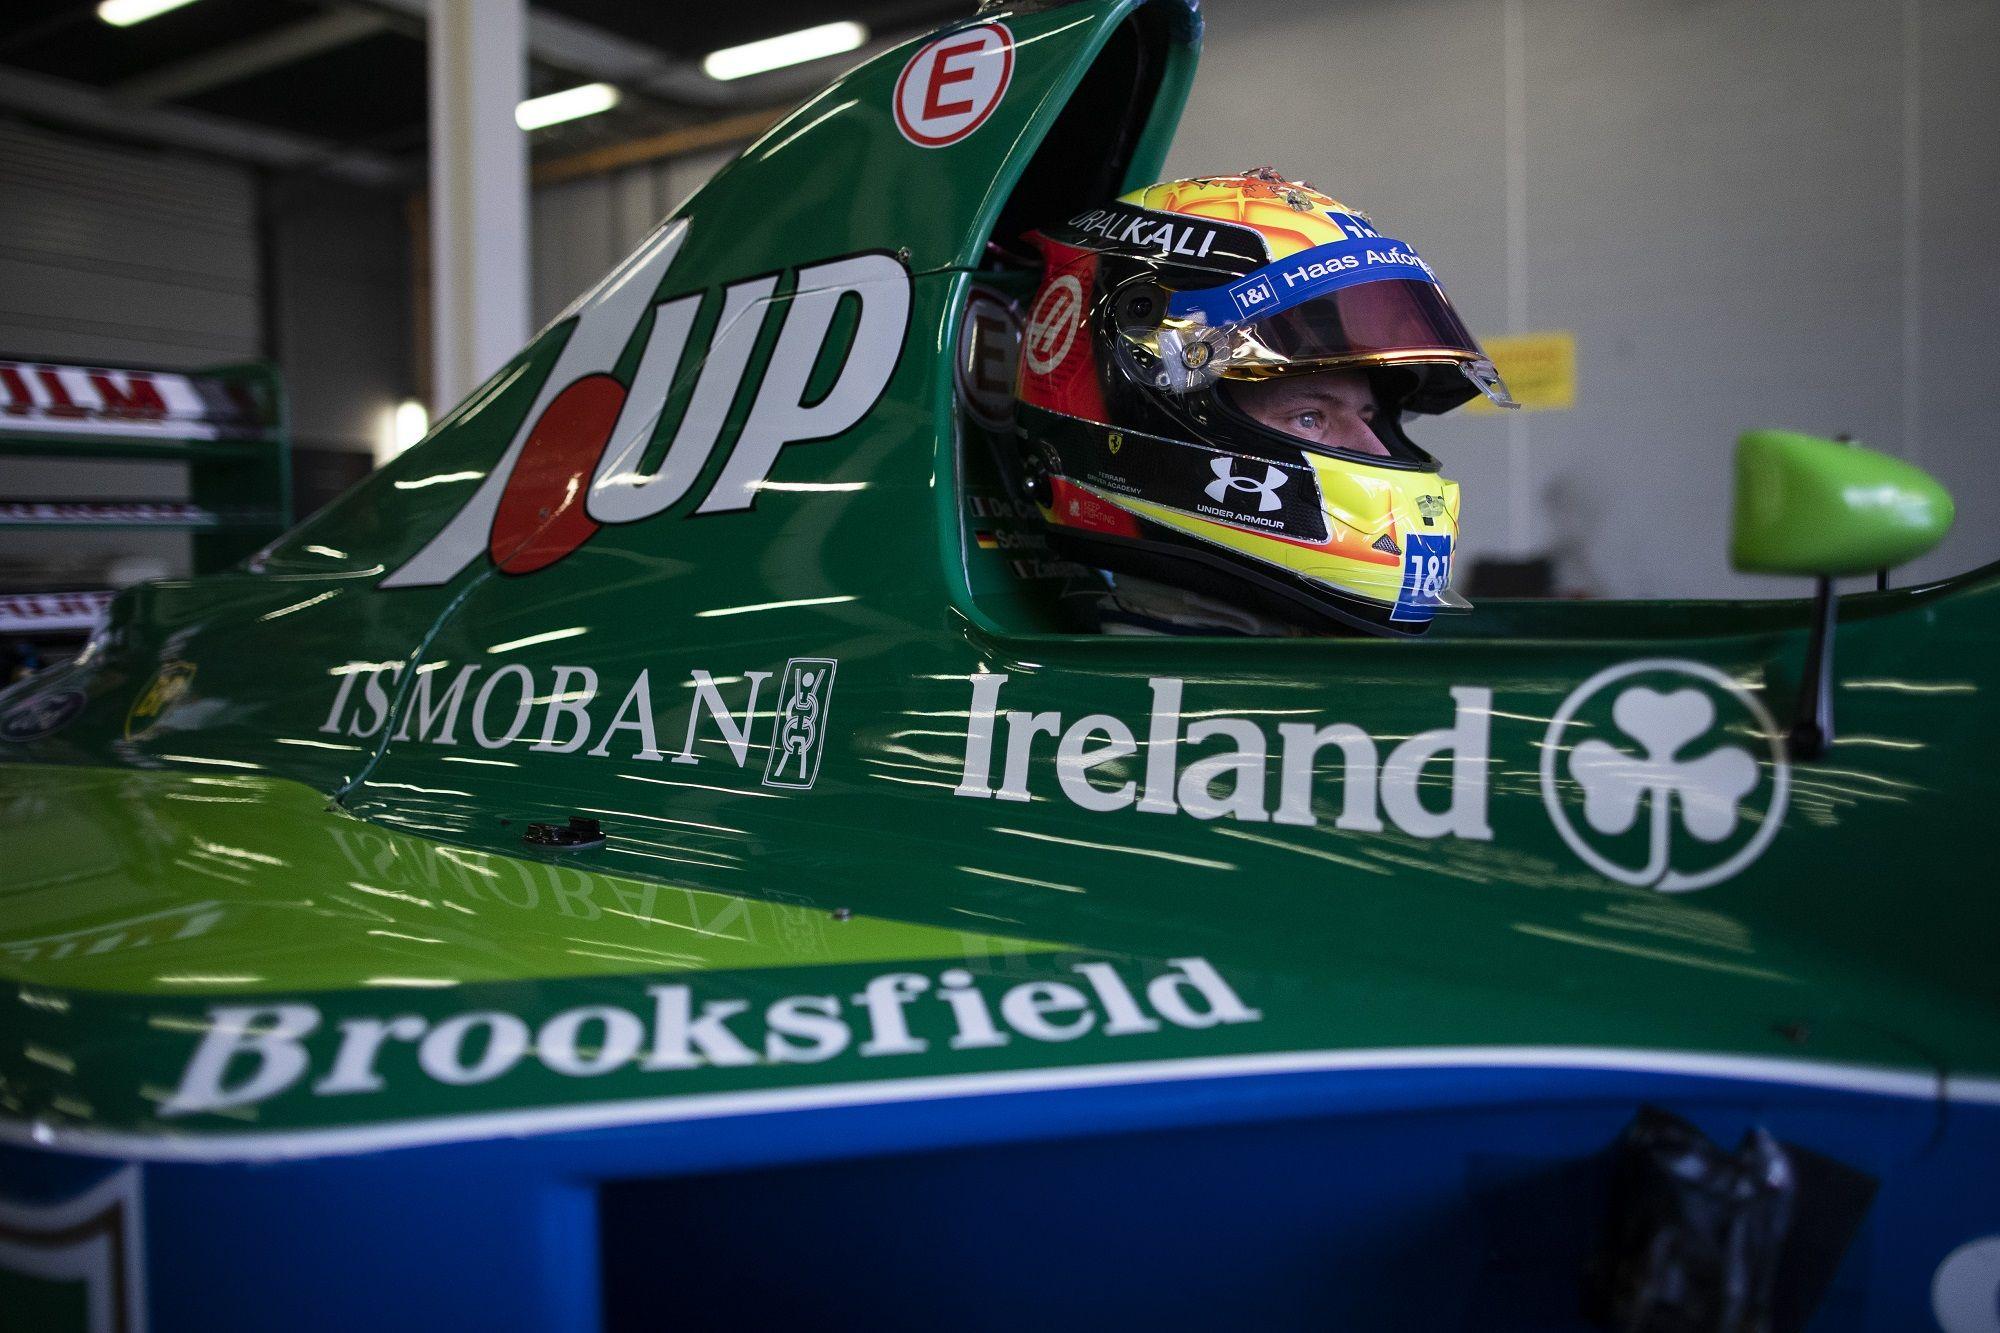 Mick Schumacher, F1, Netflix